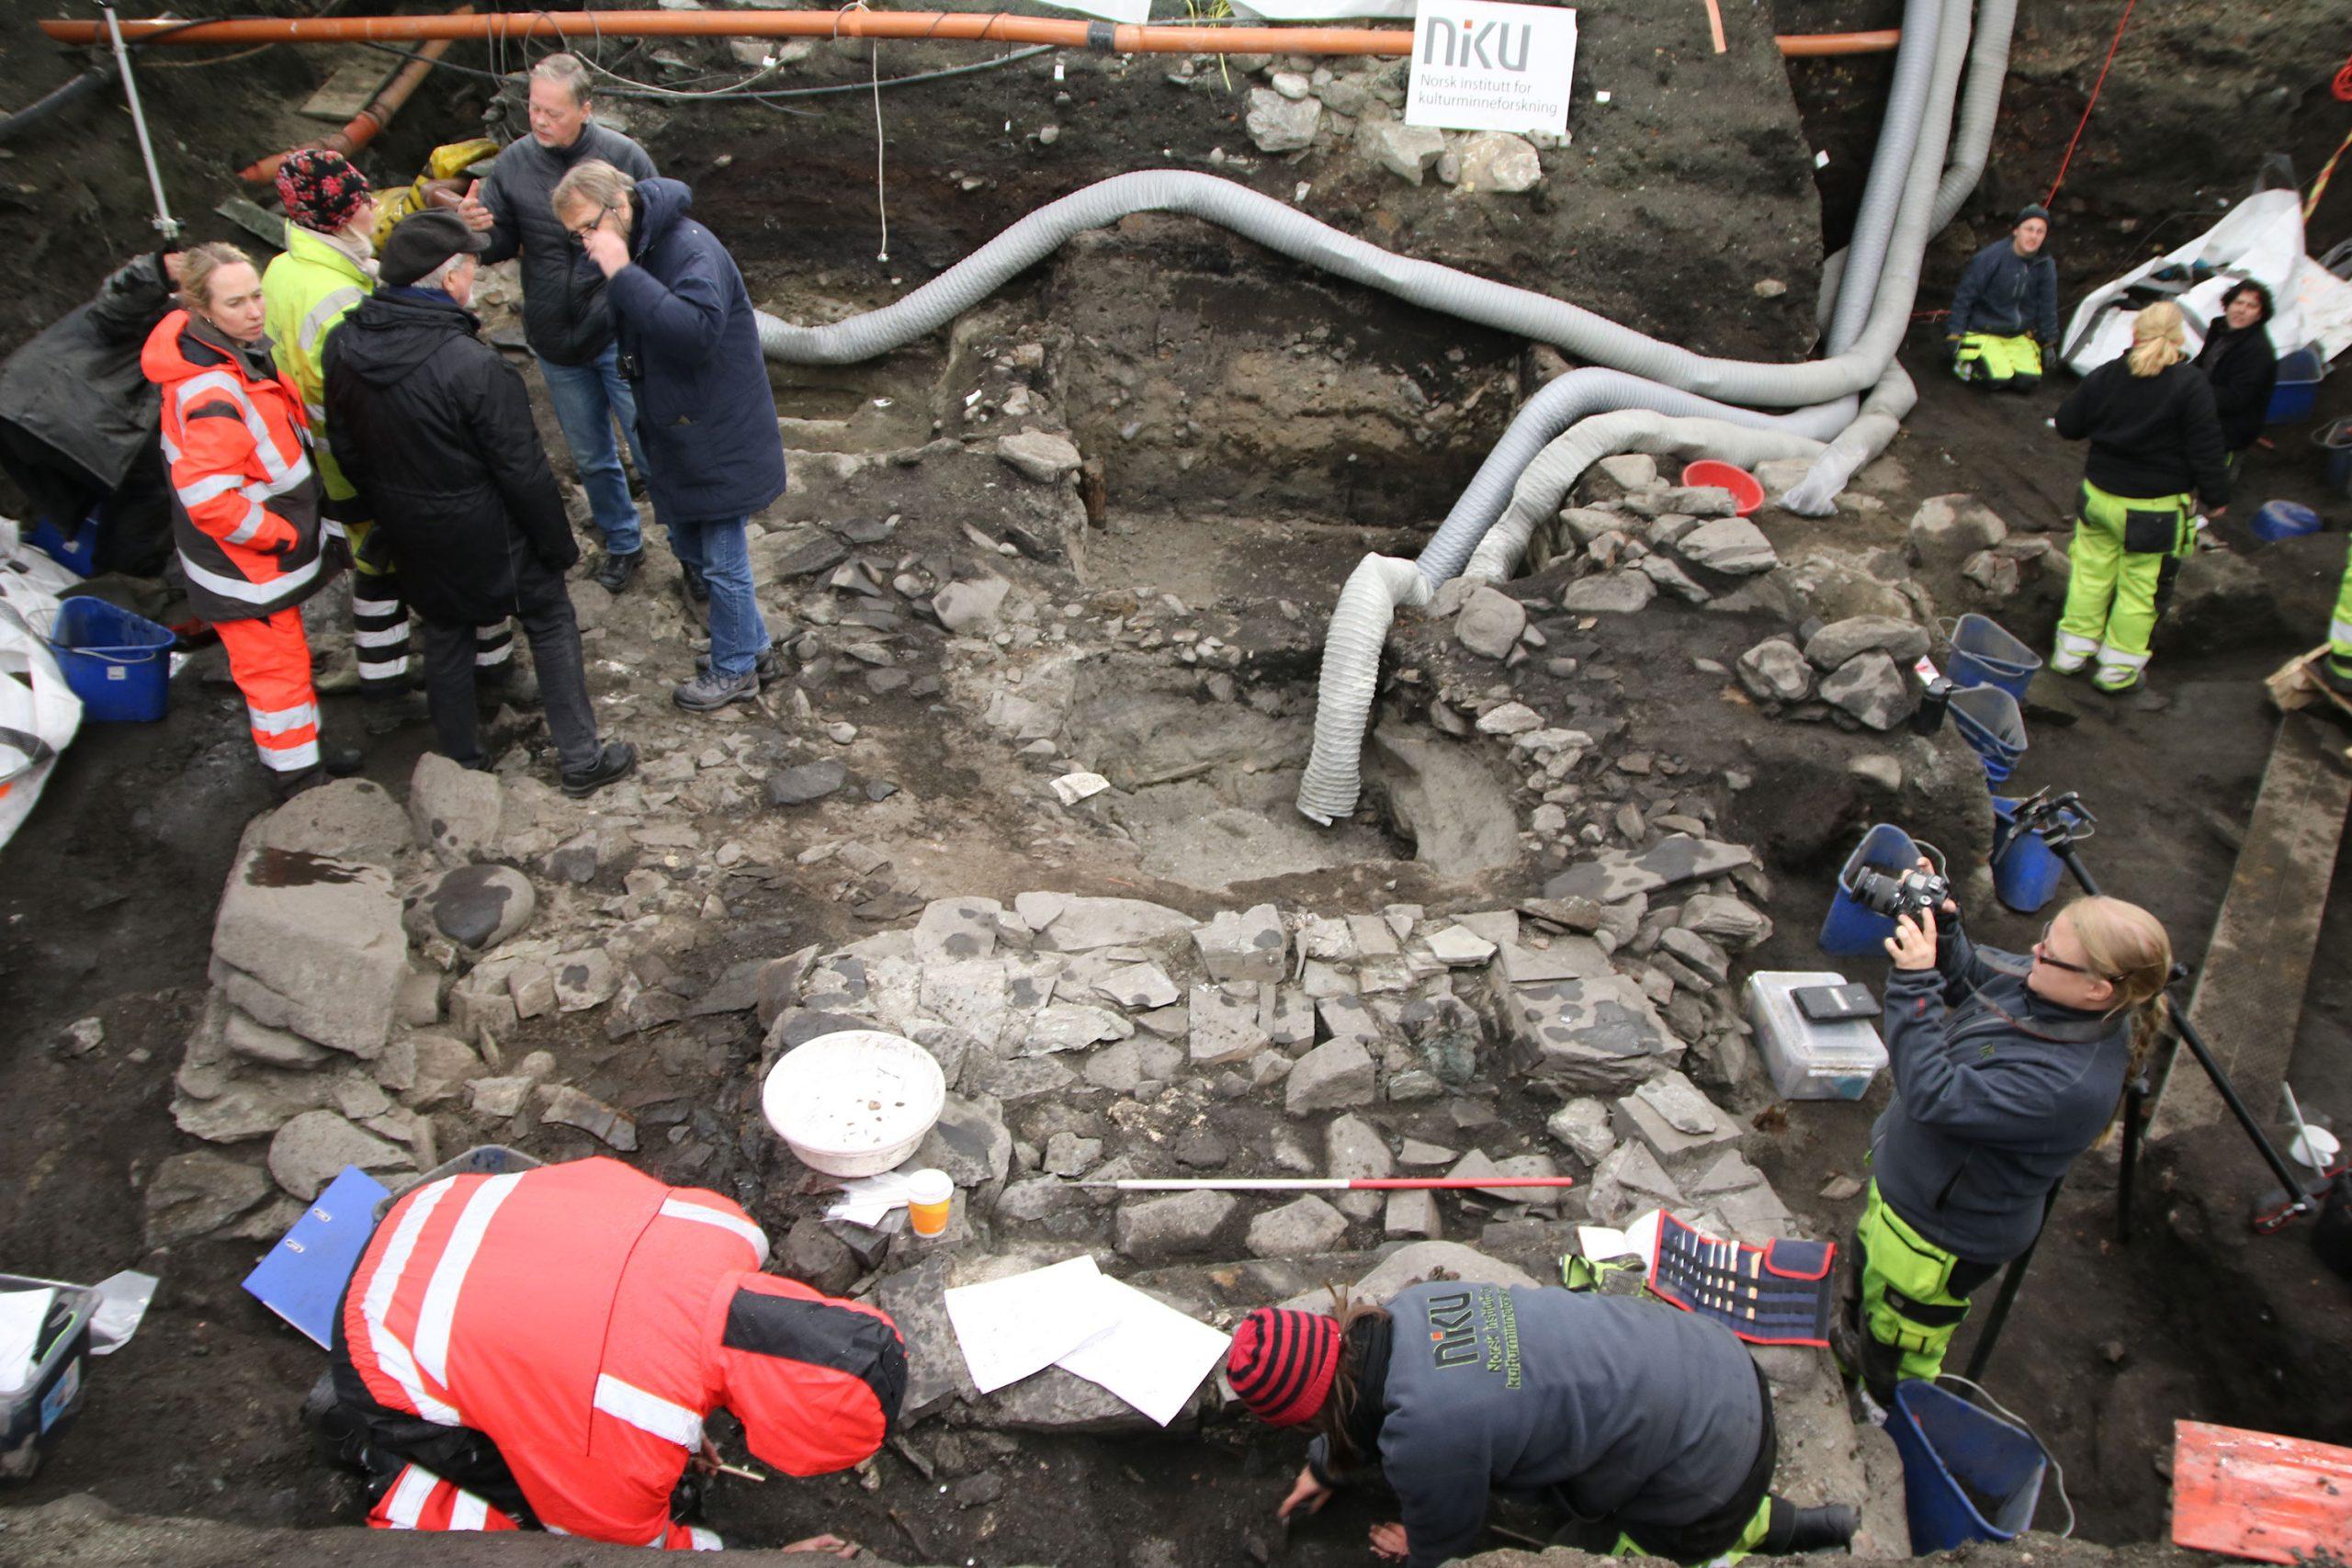 Bildet viser Arkeologisk utgraving av Klemenskirken. Her sees fundamentet til det som trolig var høyalteret hvor Olav den helliges kiste ble plassert, ett år etter at han døde på Stiklestad i 1030. Man mener kisten sto i kirken i 25 år, før den ble flyttet videre. Foto: NIKU